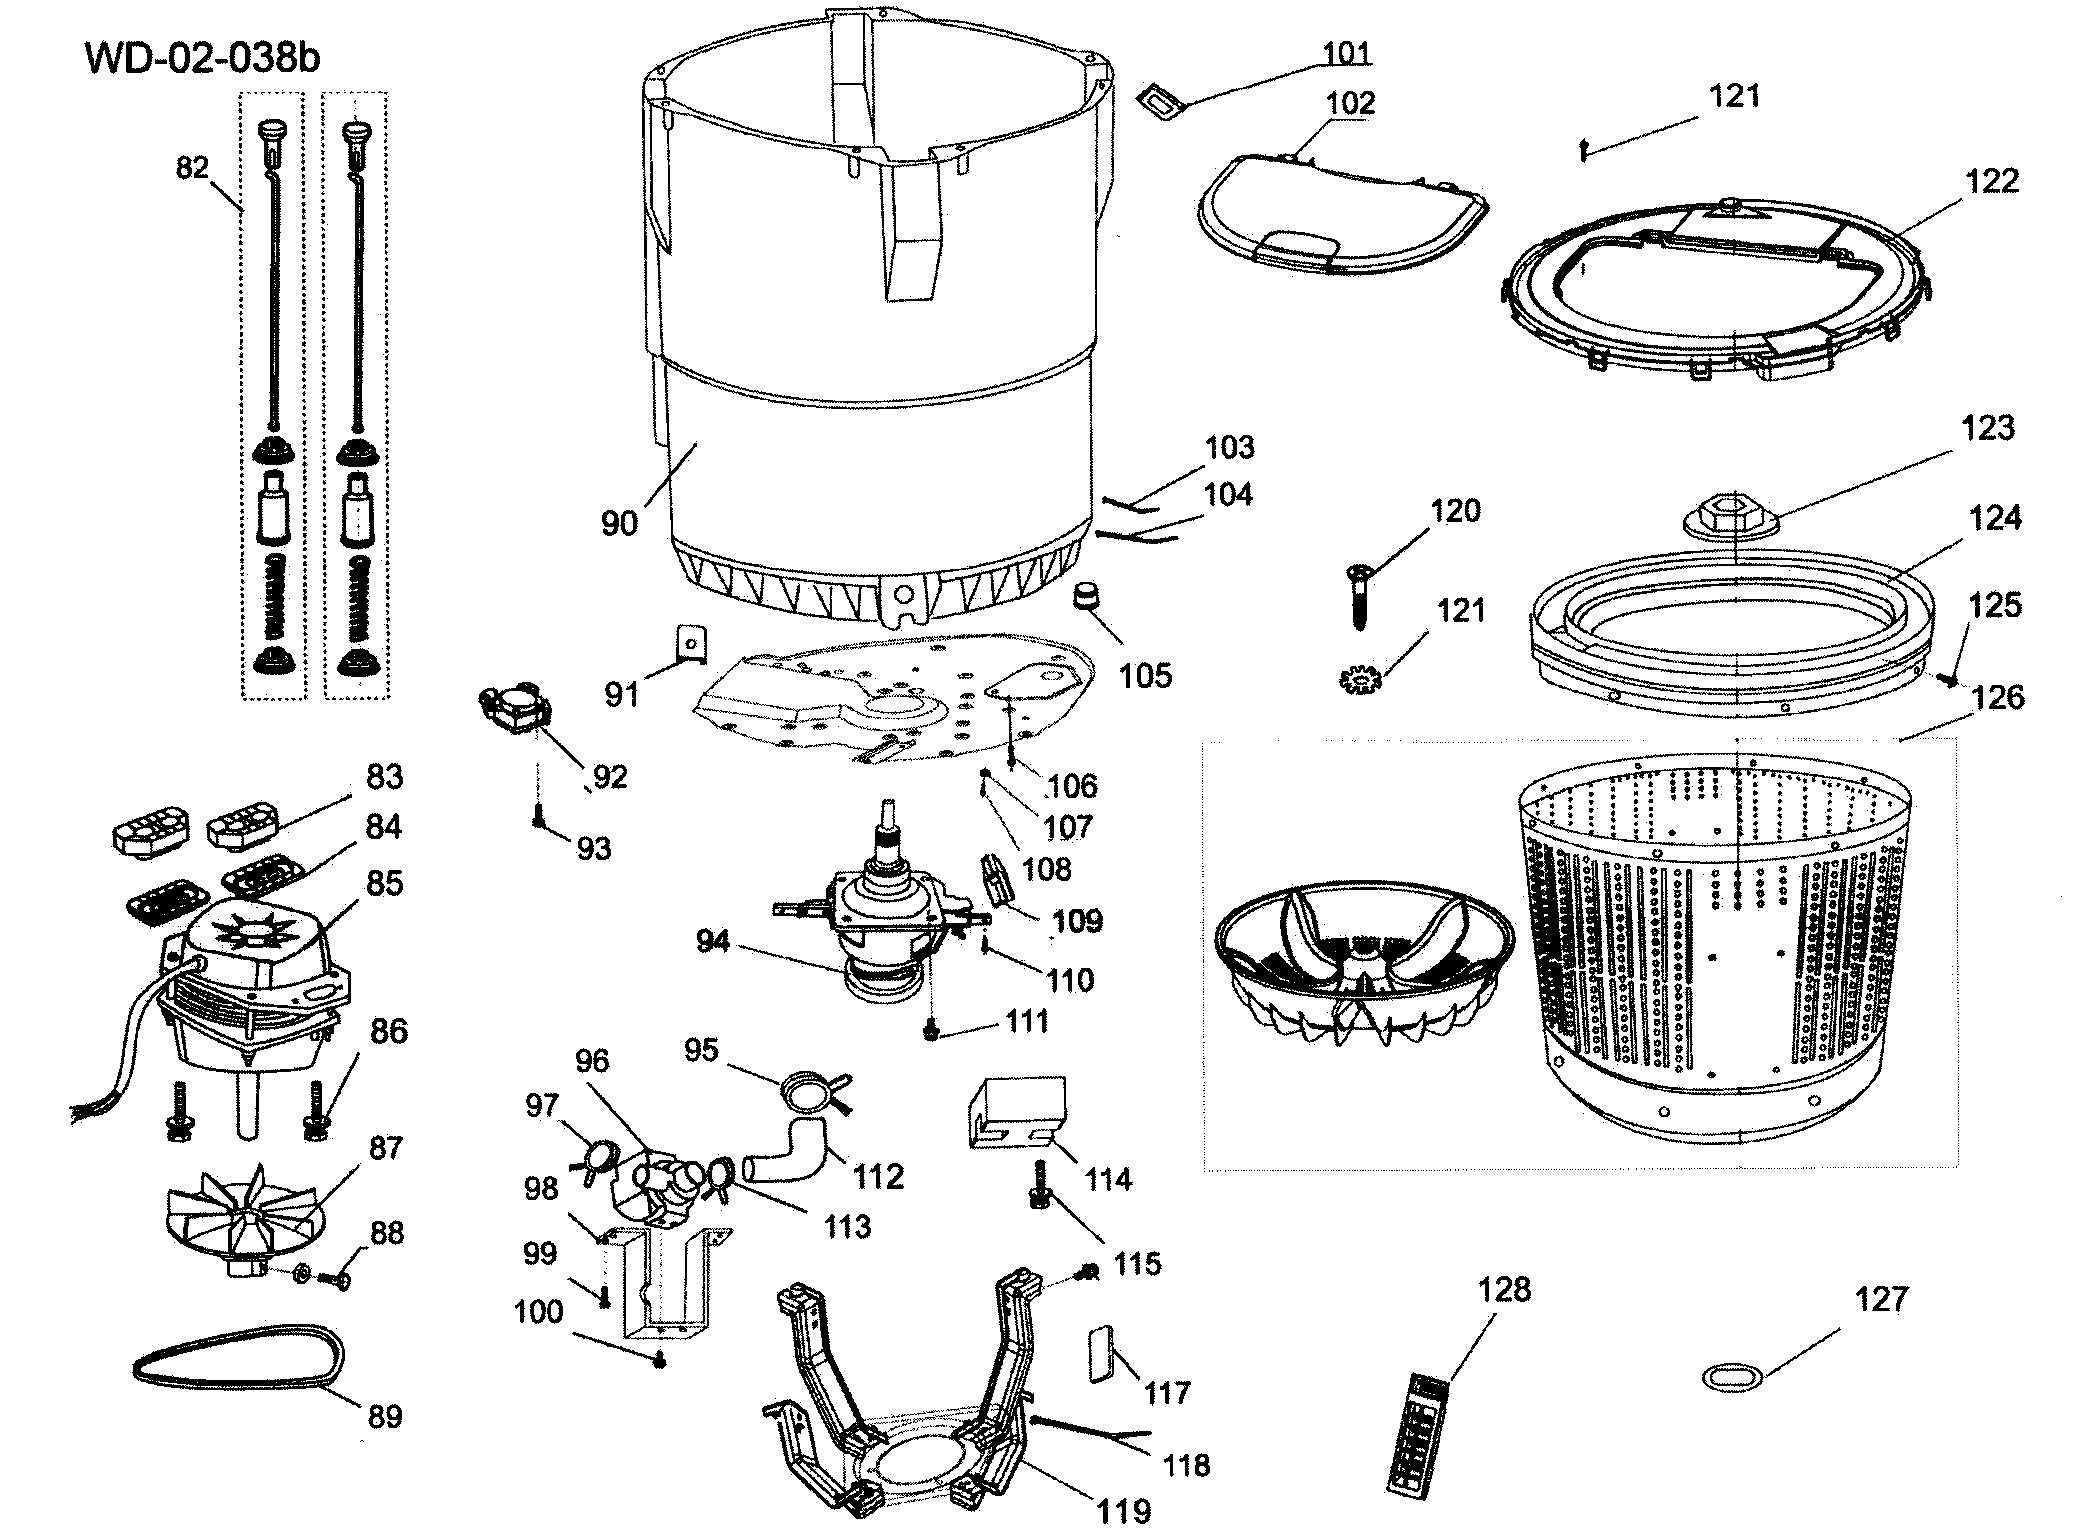 TUBE ASSY Diagram & Parts List for Model hlt364xxq Haier